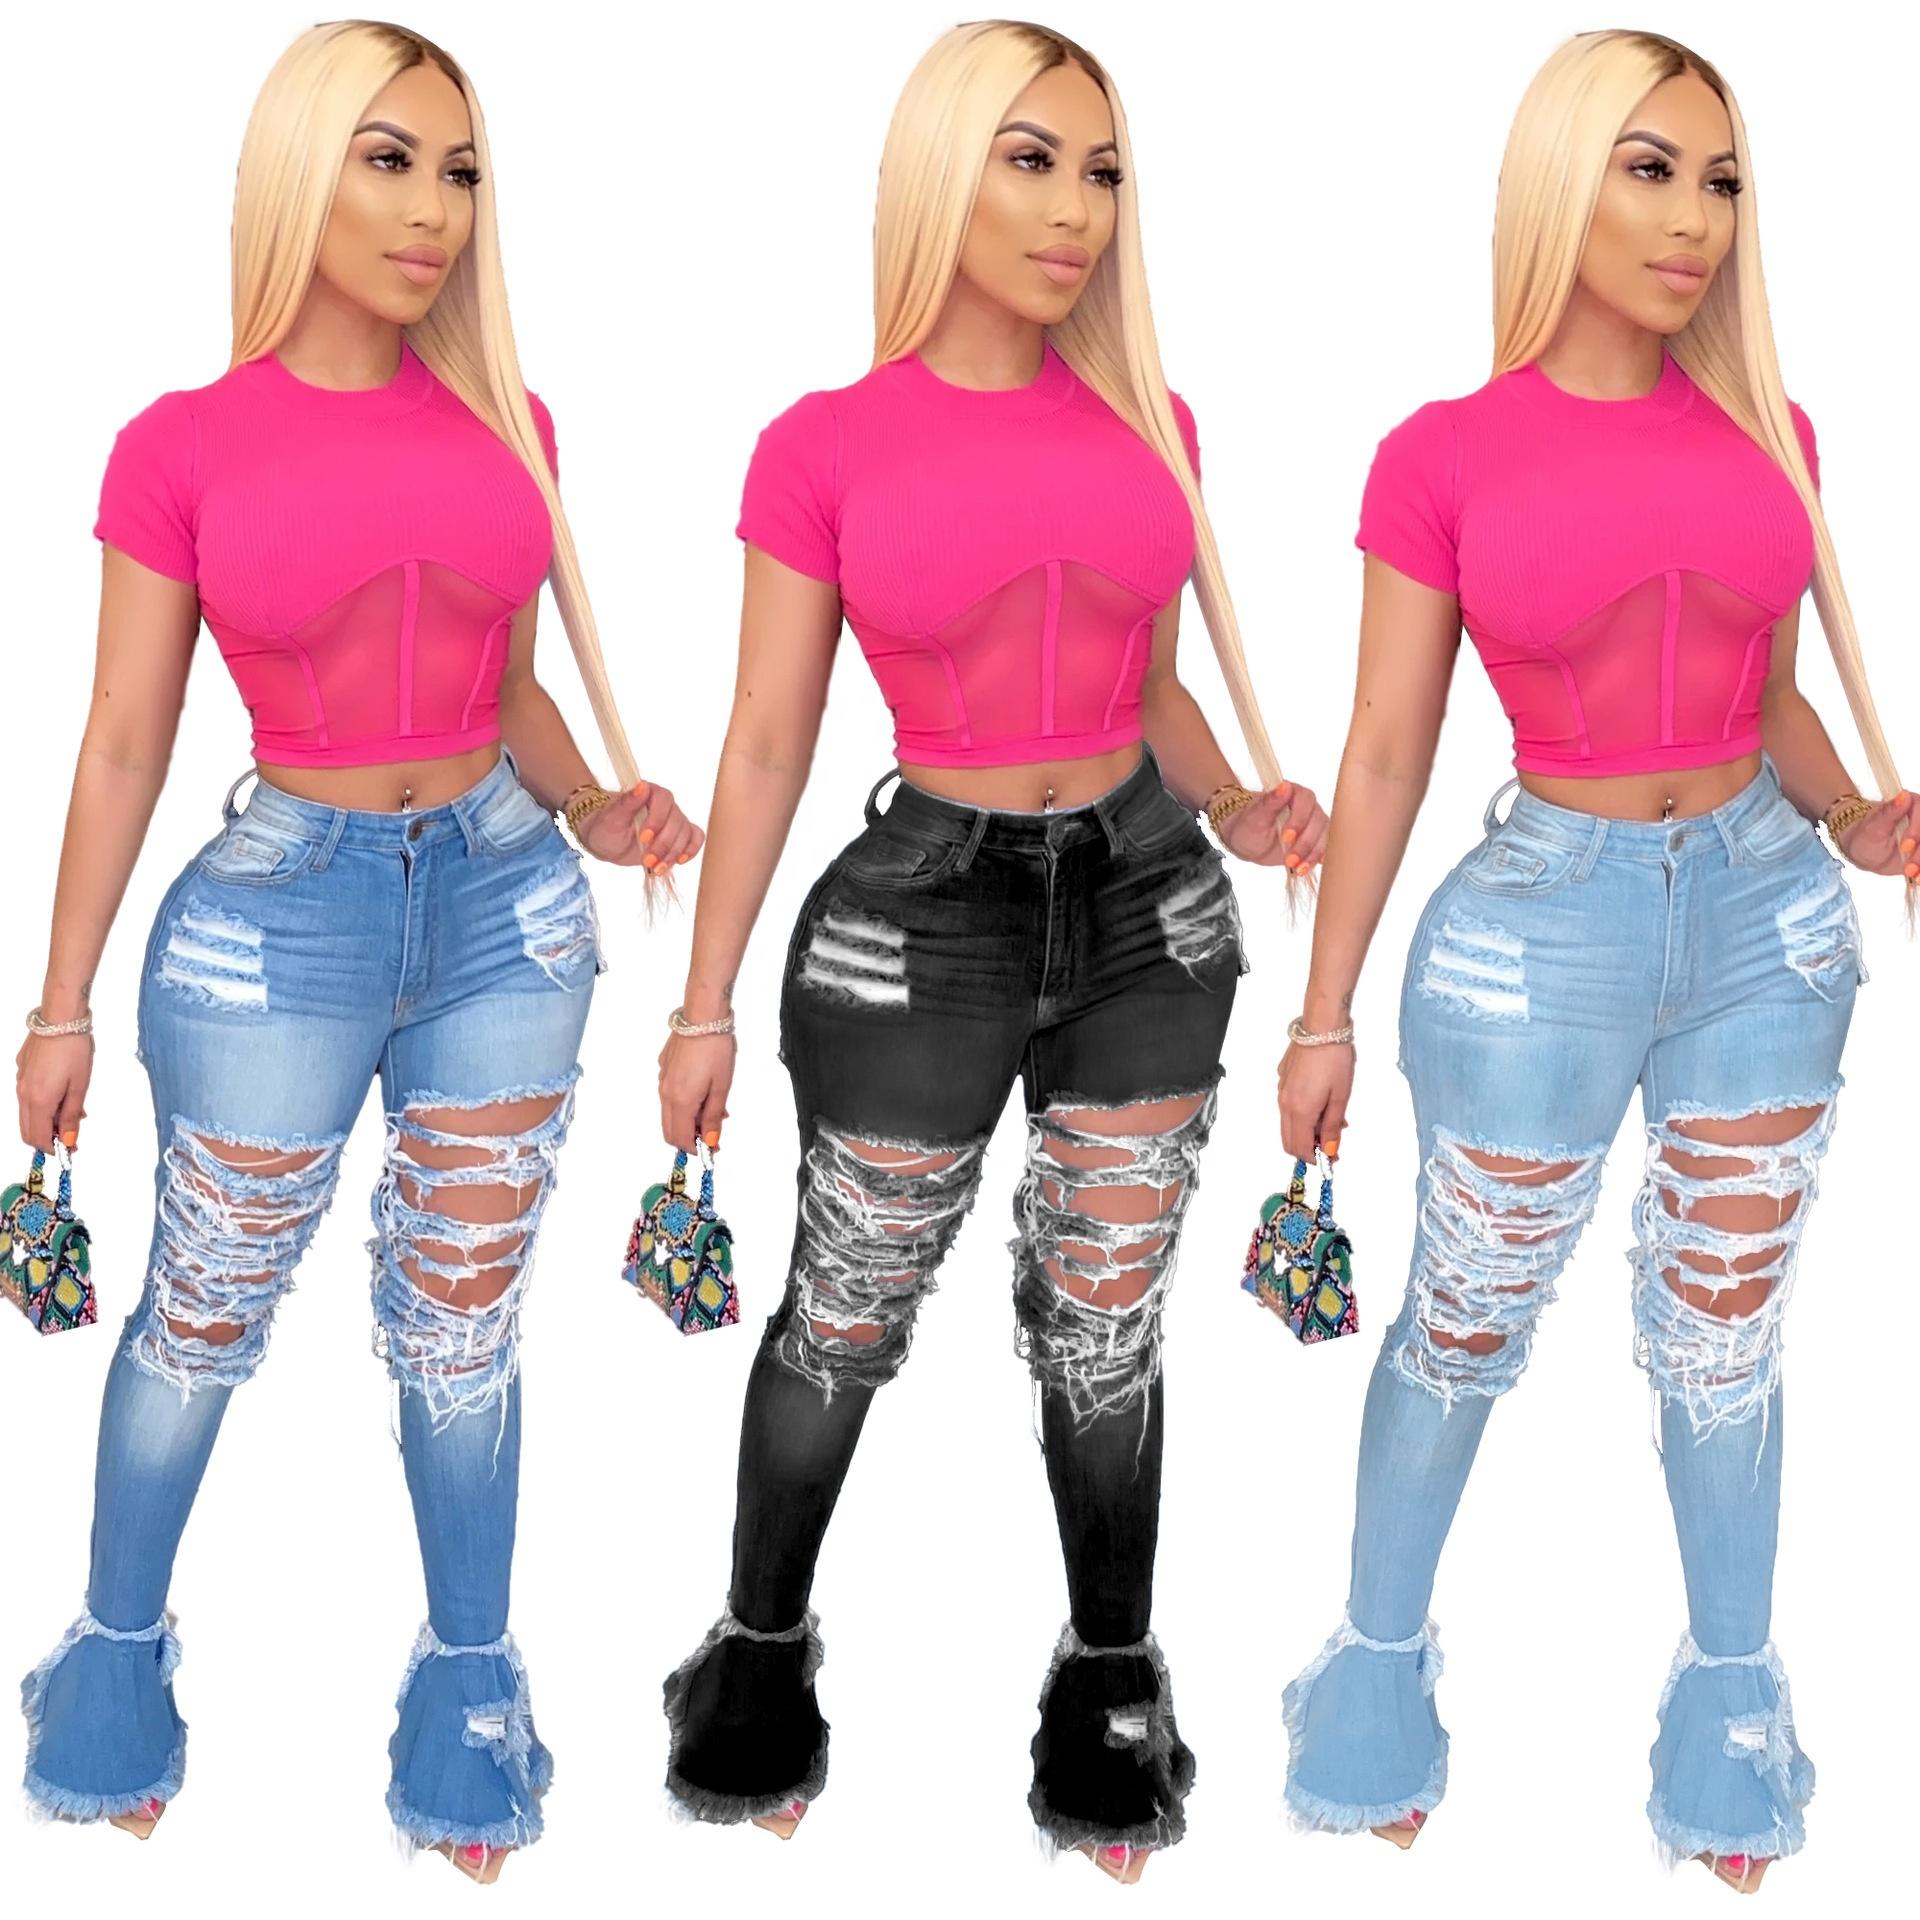 Pantalones Vaqueros Apilados Para Mujer Diseno Informal Acampanados Xxl 2020 Buy Las Mujeres Pantalones Vaqueros Pantalones Para Las Mujeres Pantalones Y Vaqueros Product On Alibaba Com